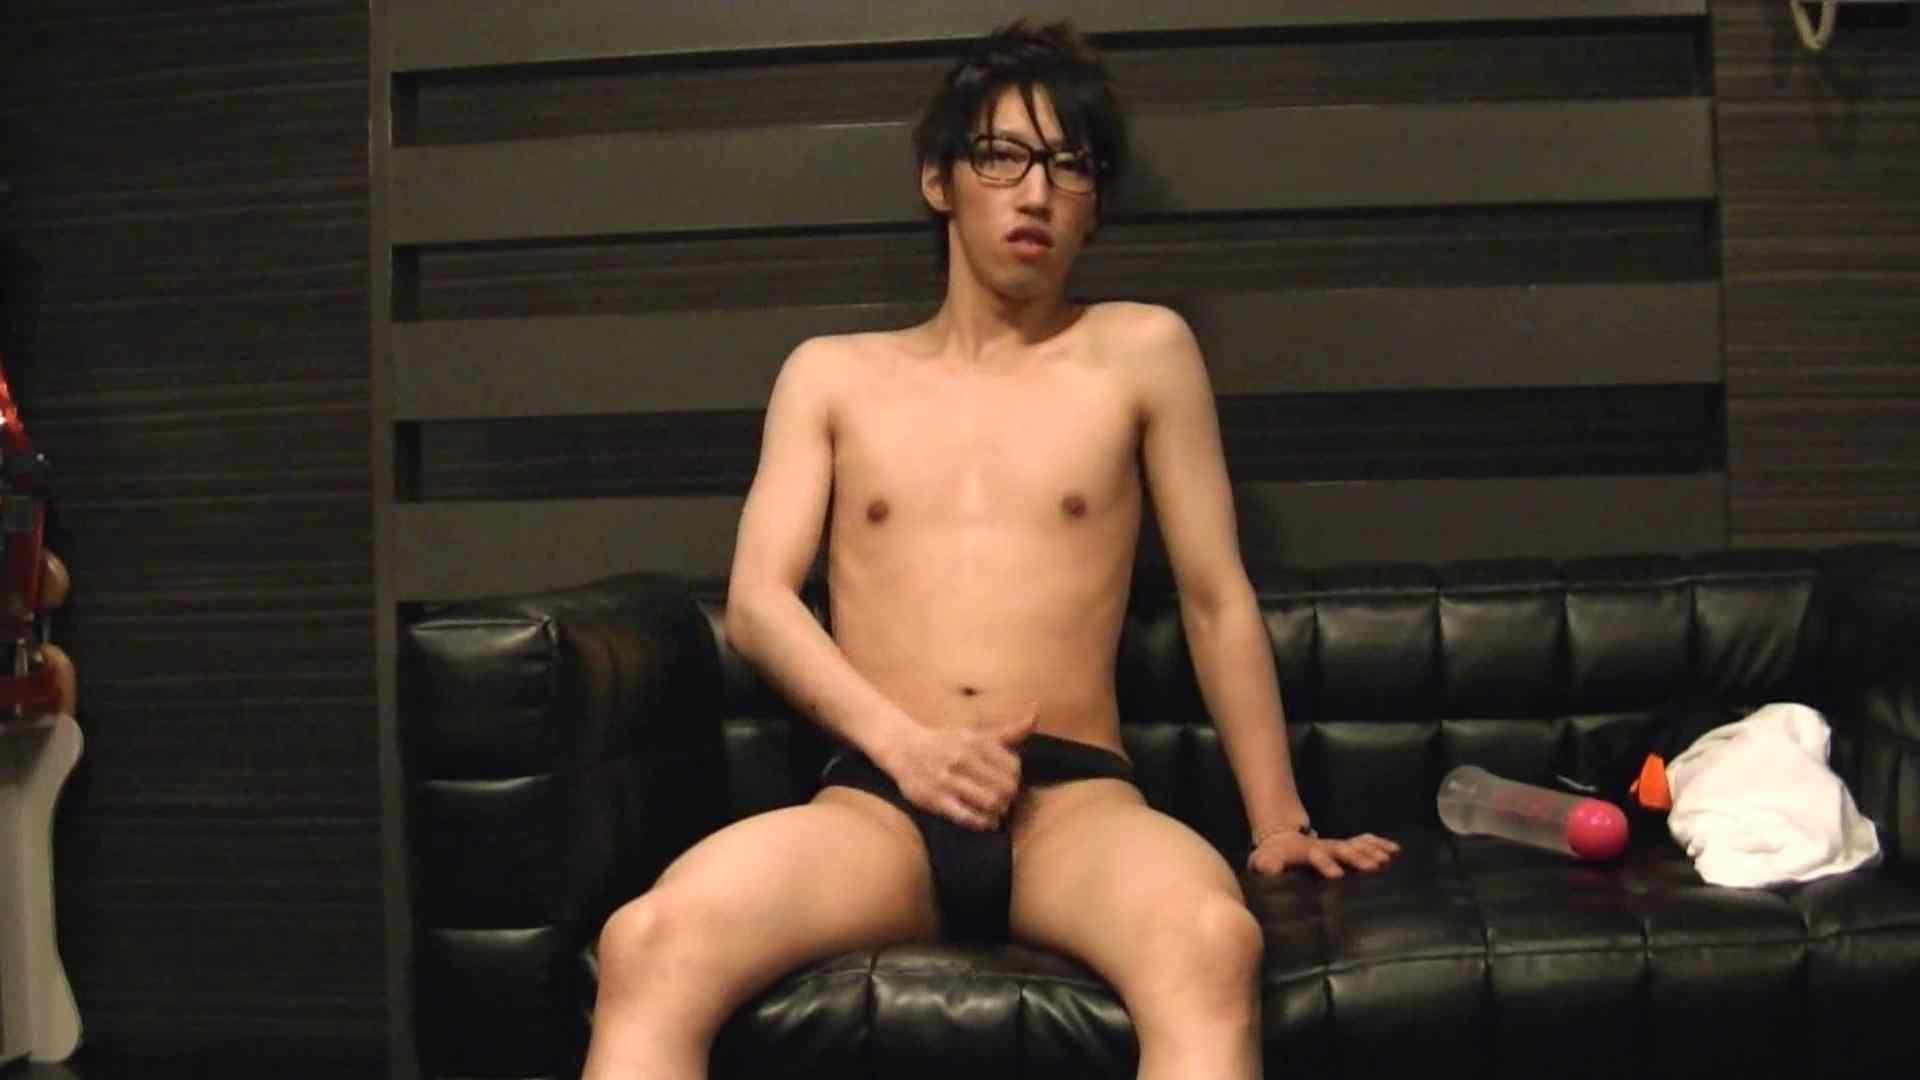 ONA見せカーニバル!! Vol3 ゲイのオナニー映像 | 男祭り  103枚 1